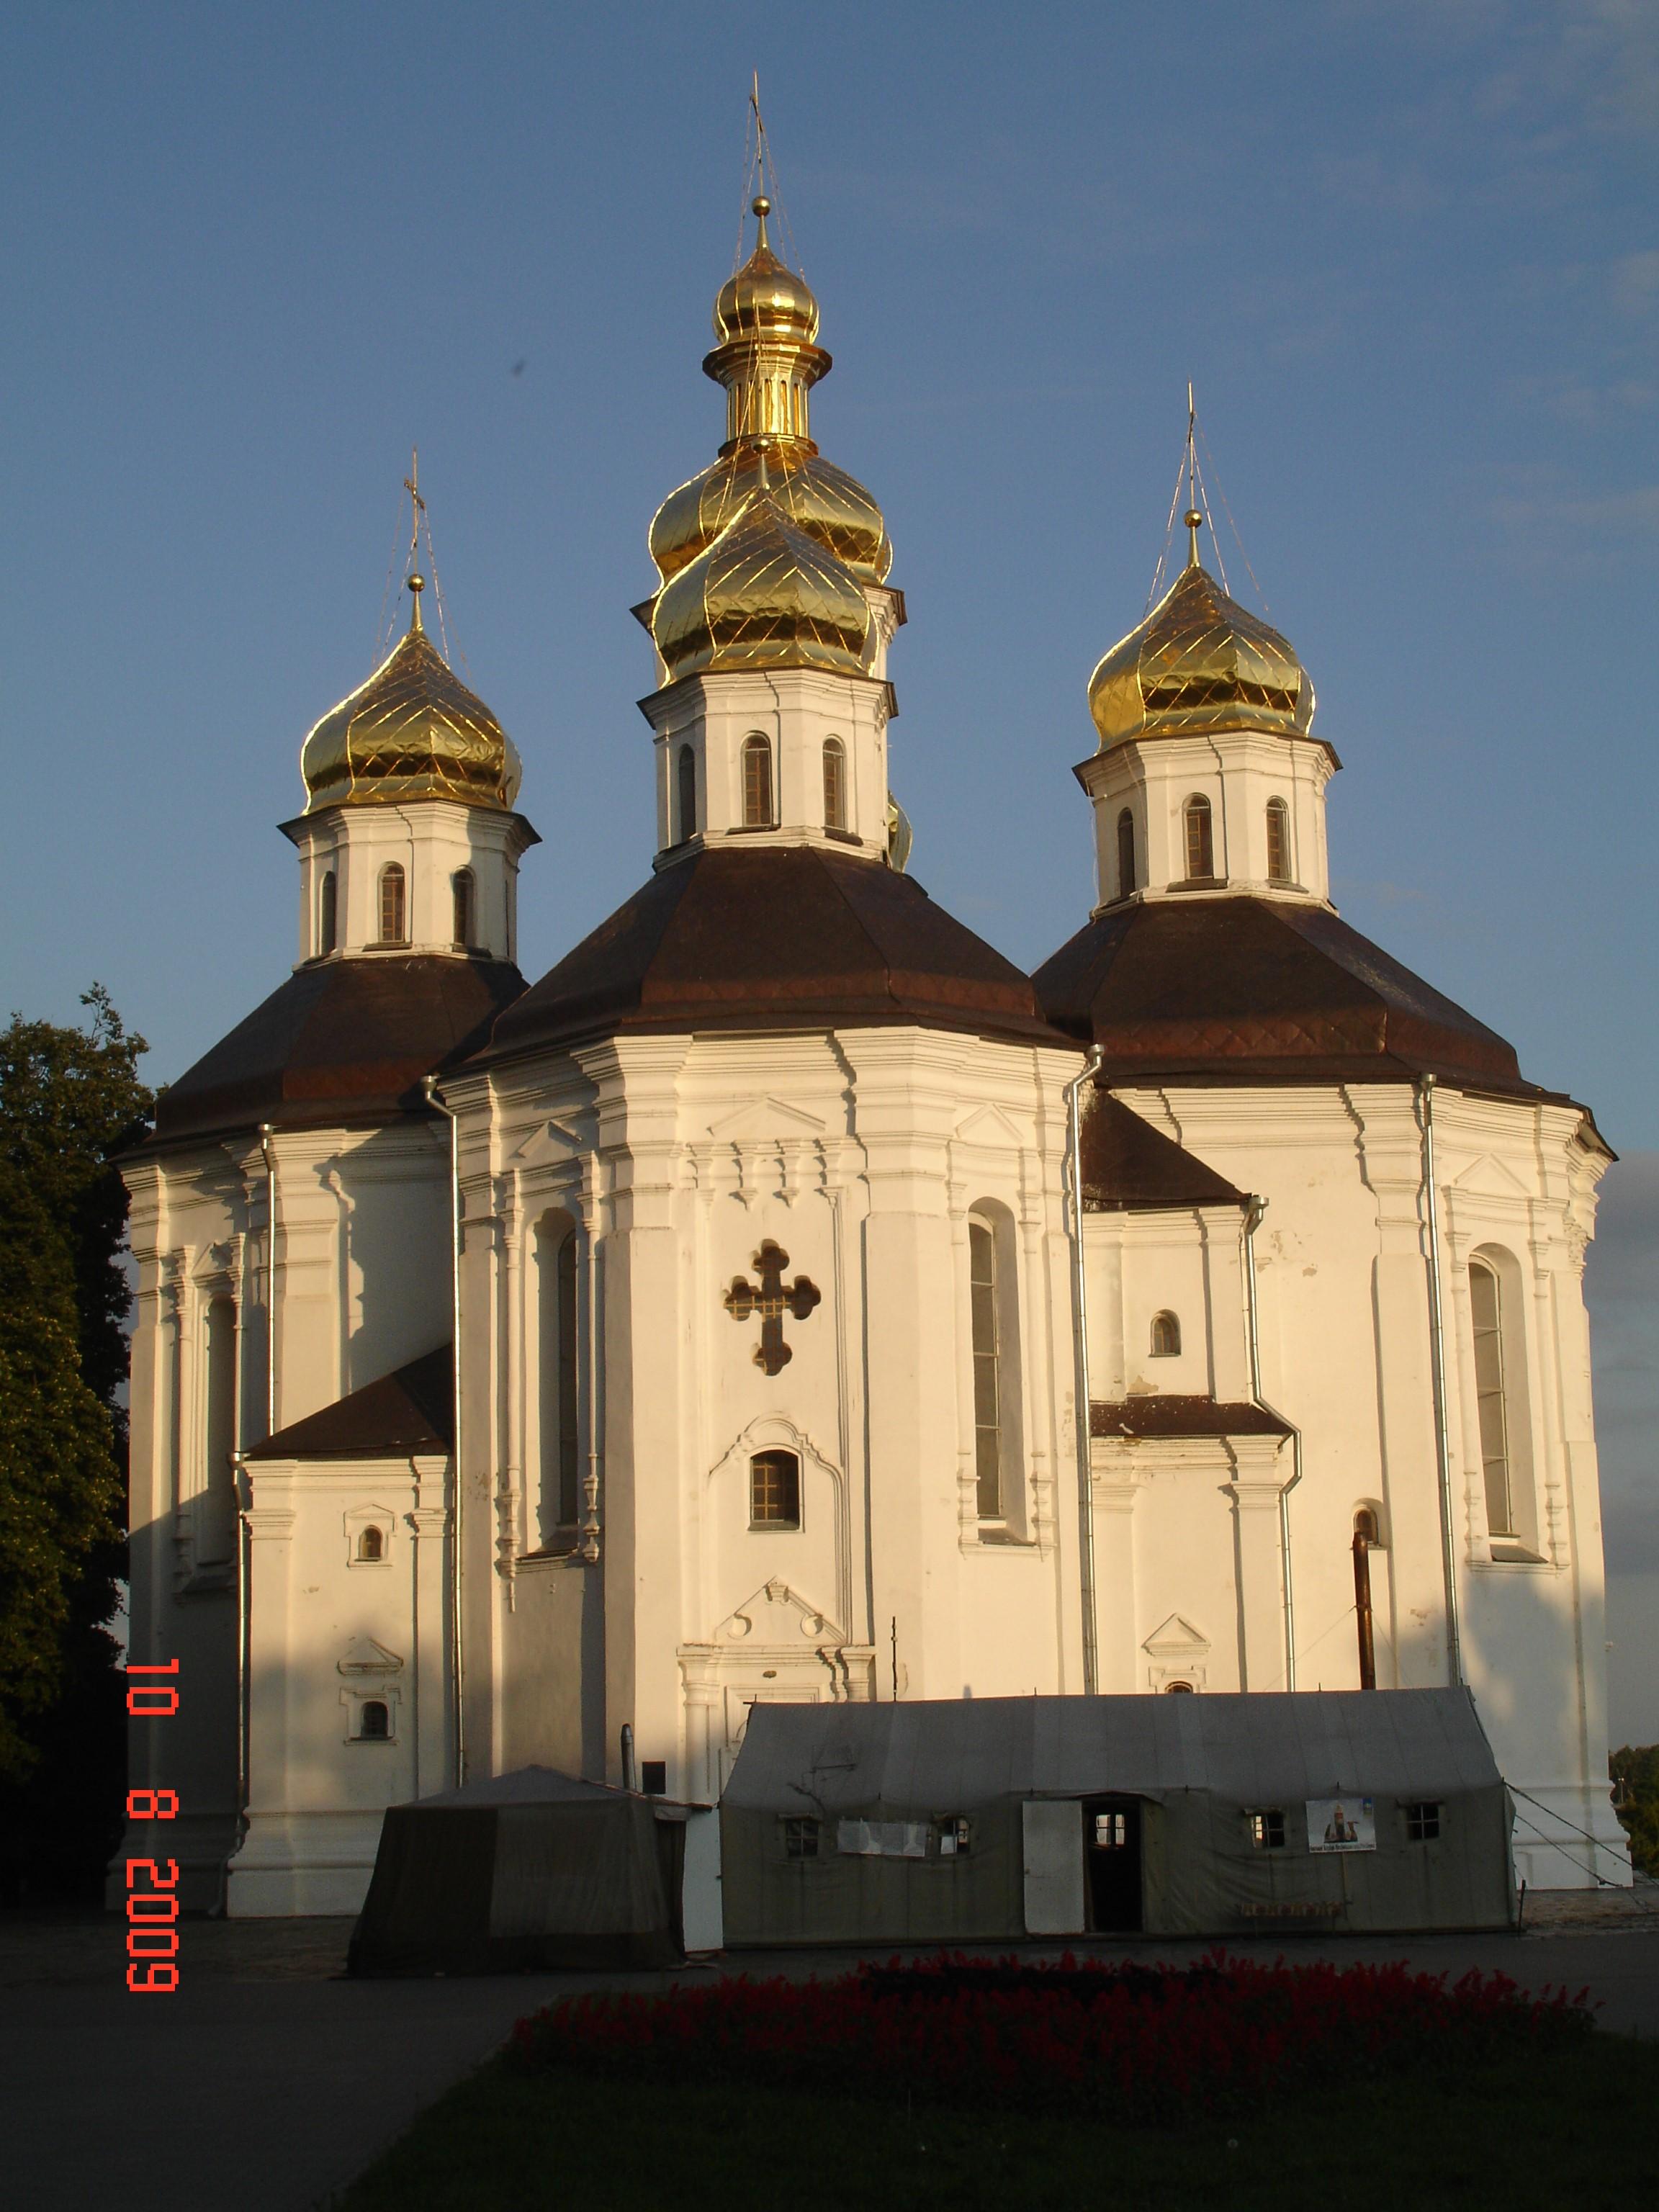 Чернігів. Катерининська церква (1715). Фото — Тетяна Чернецька (2009).